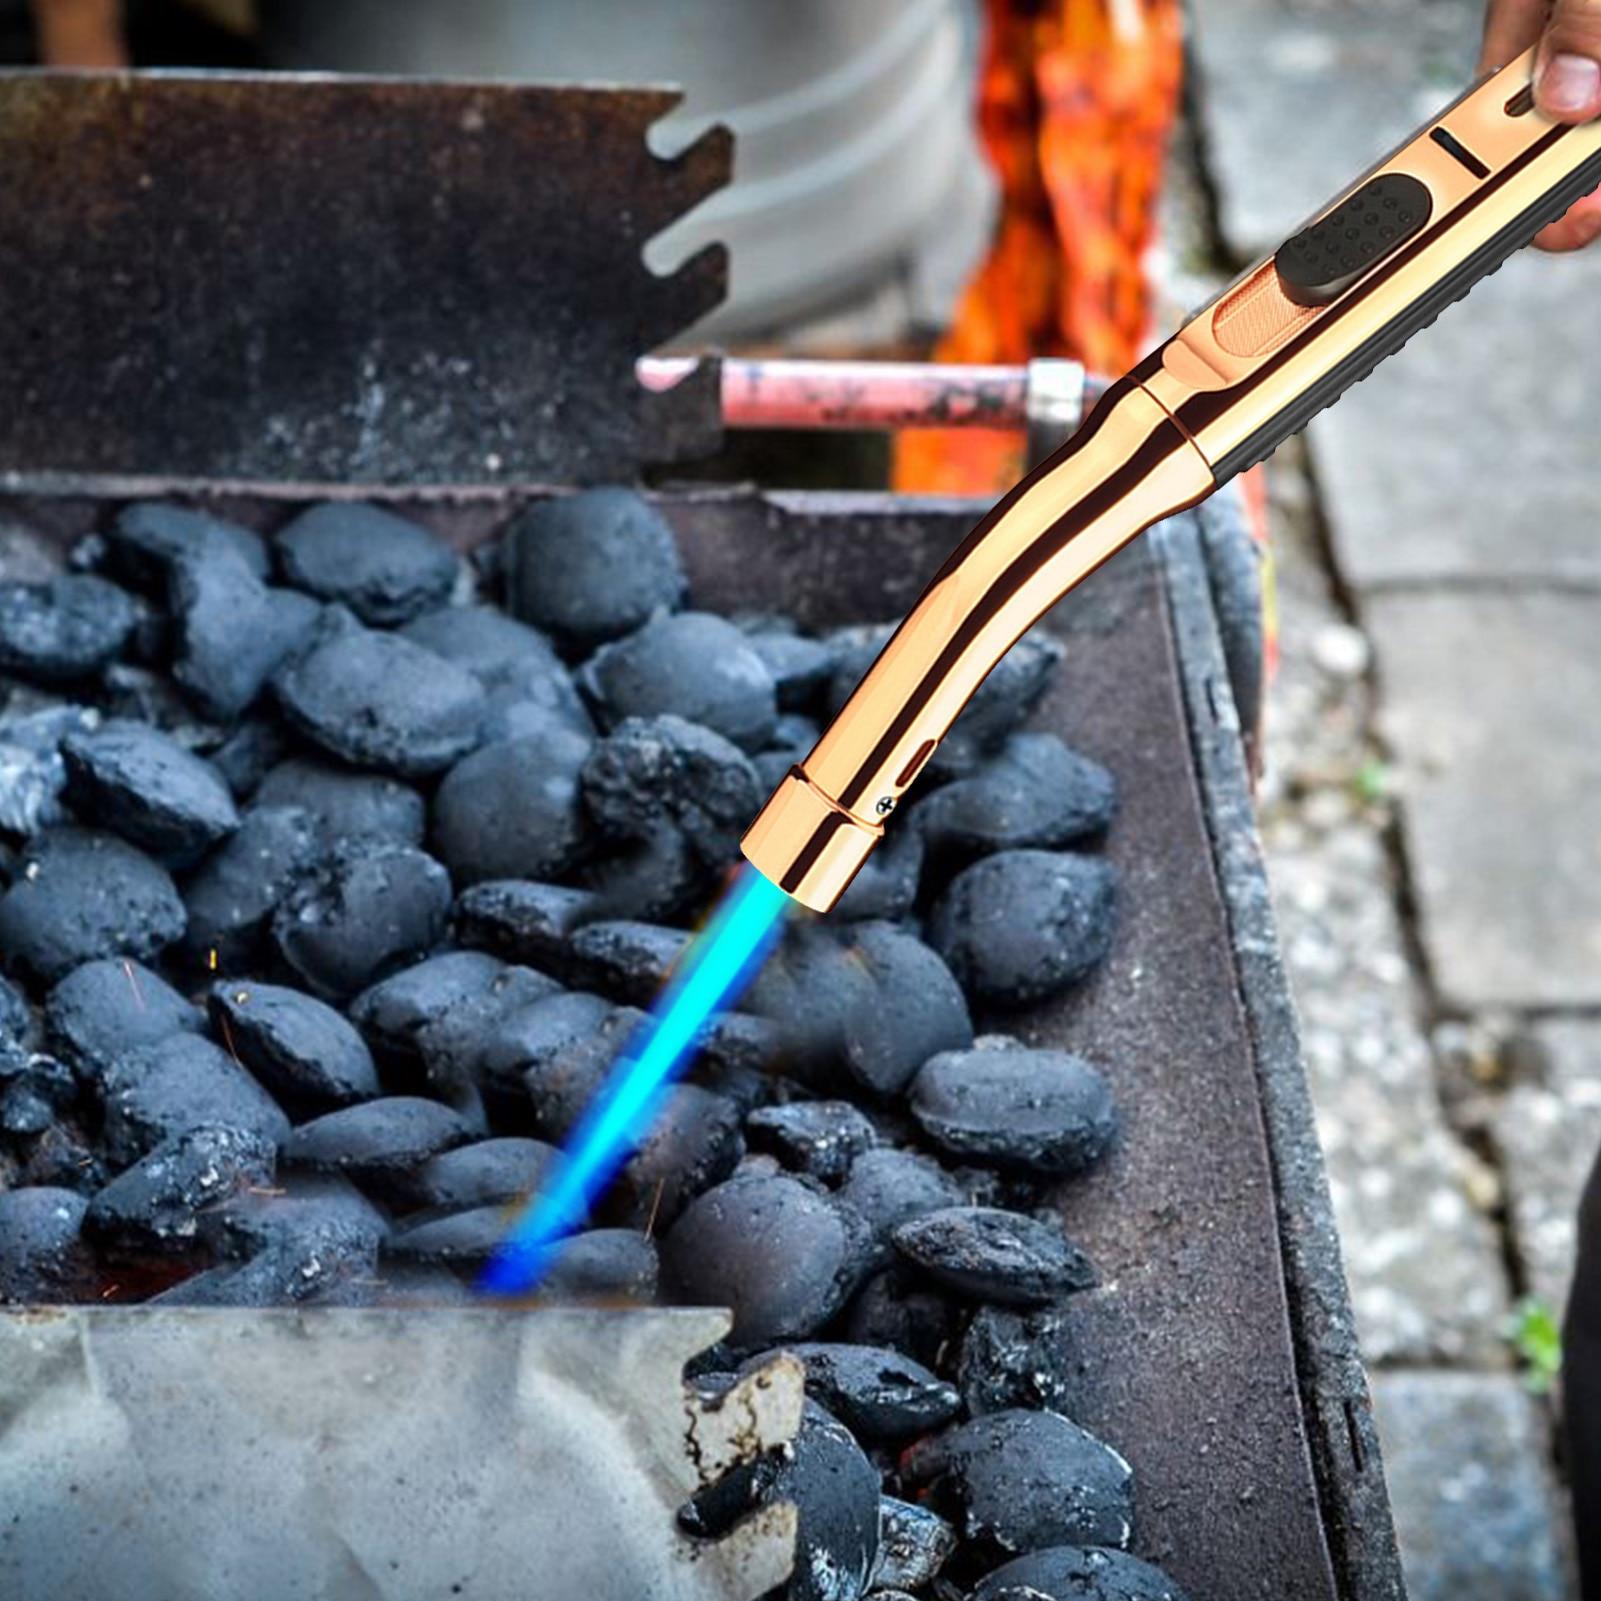 High Pressure Igniter Zinc Alloy Safe Portable Cigar Gas Lighter Torch Kitchen Accessories Supplies